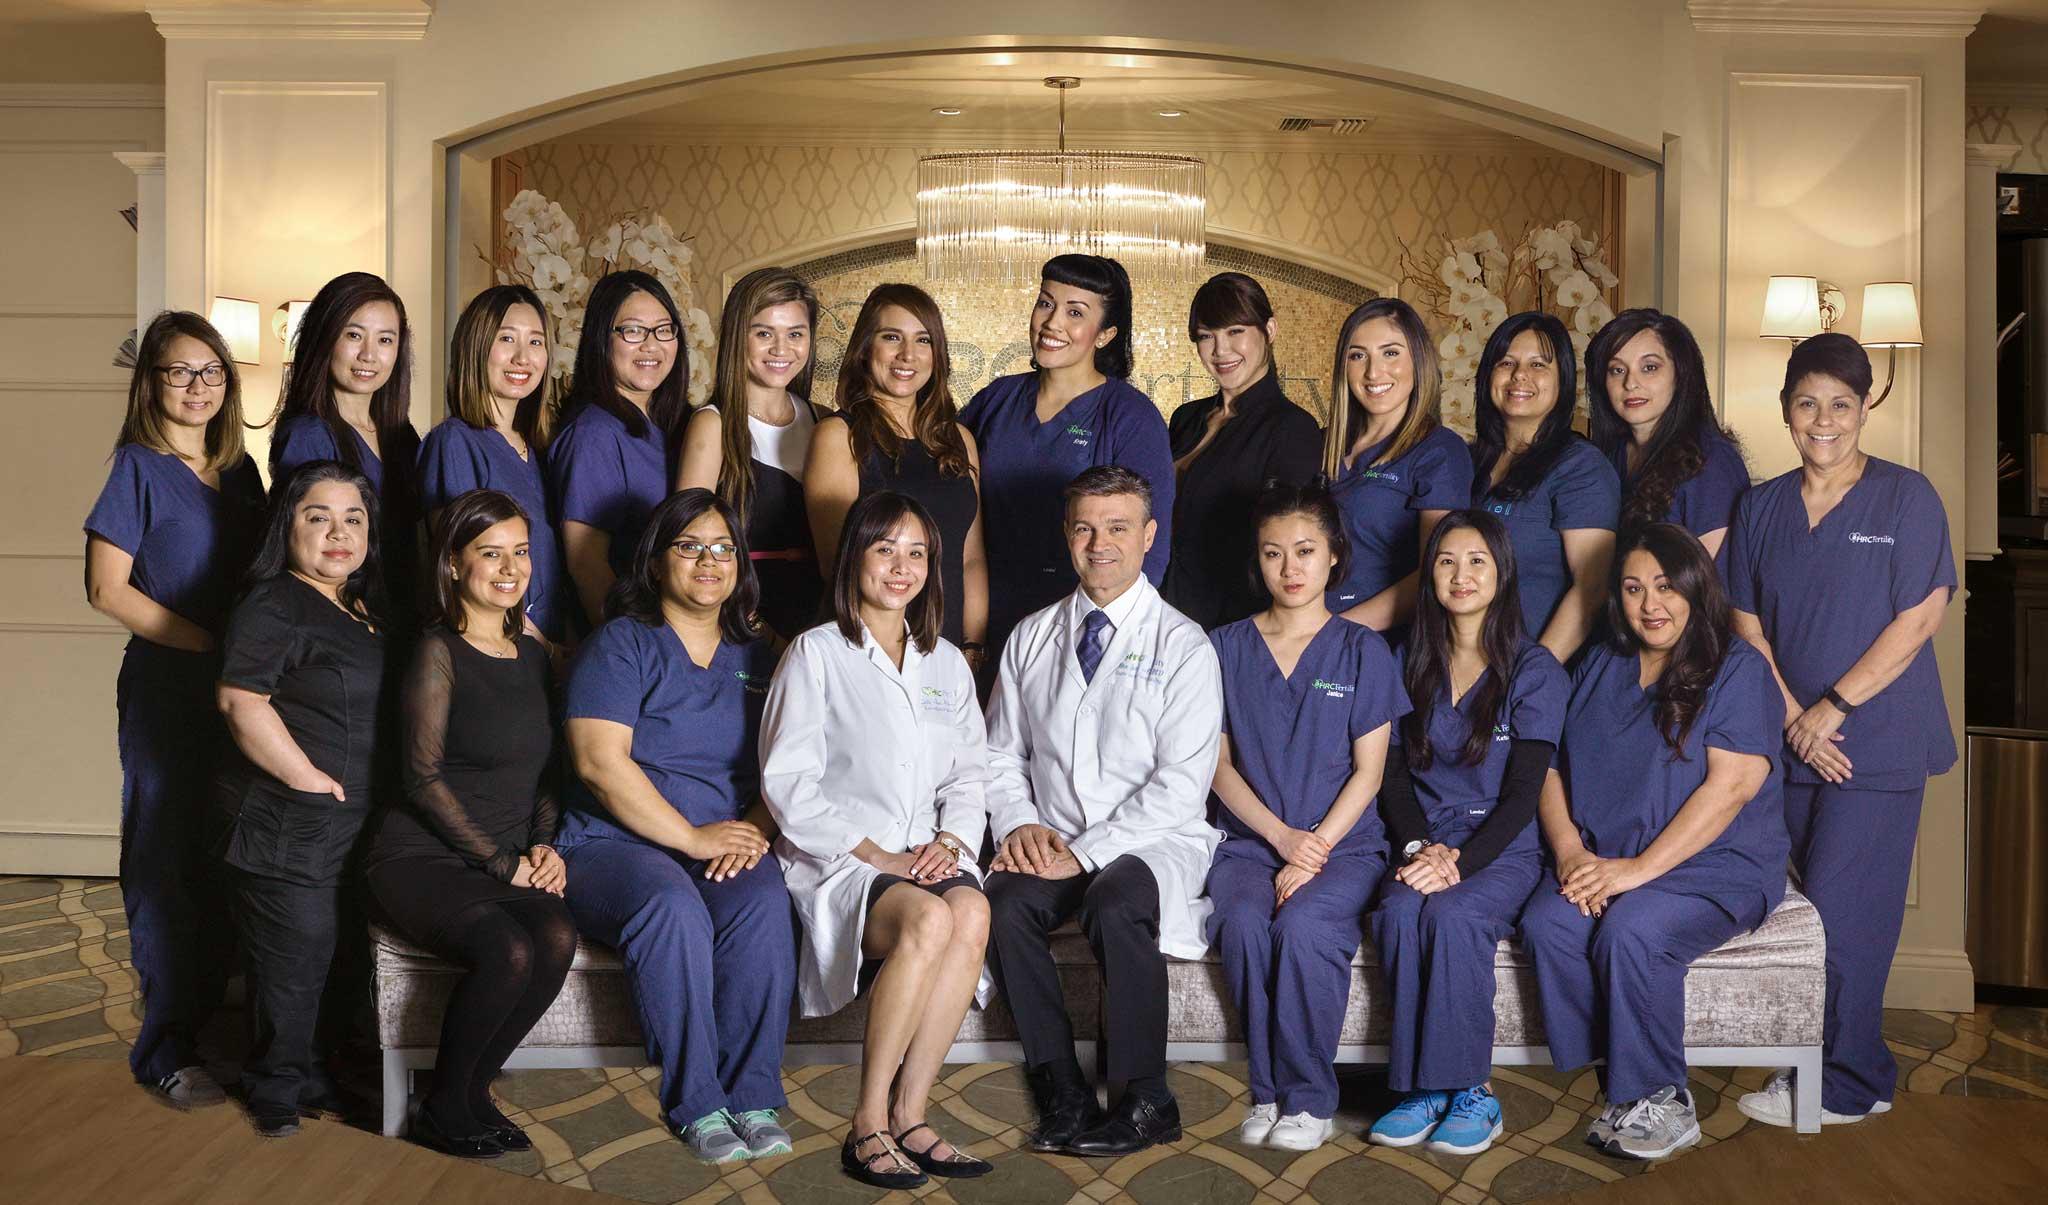 The Kolb Fertility team